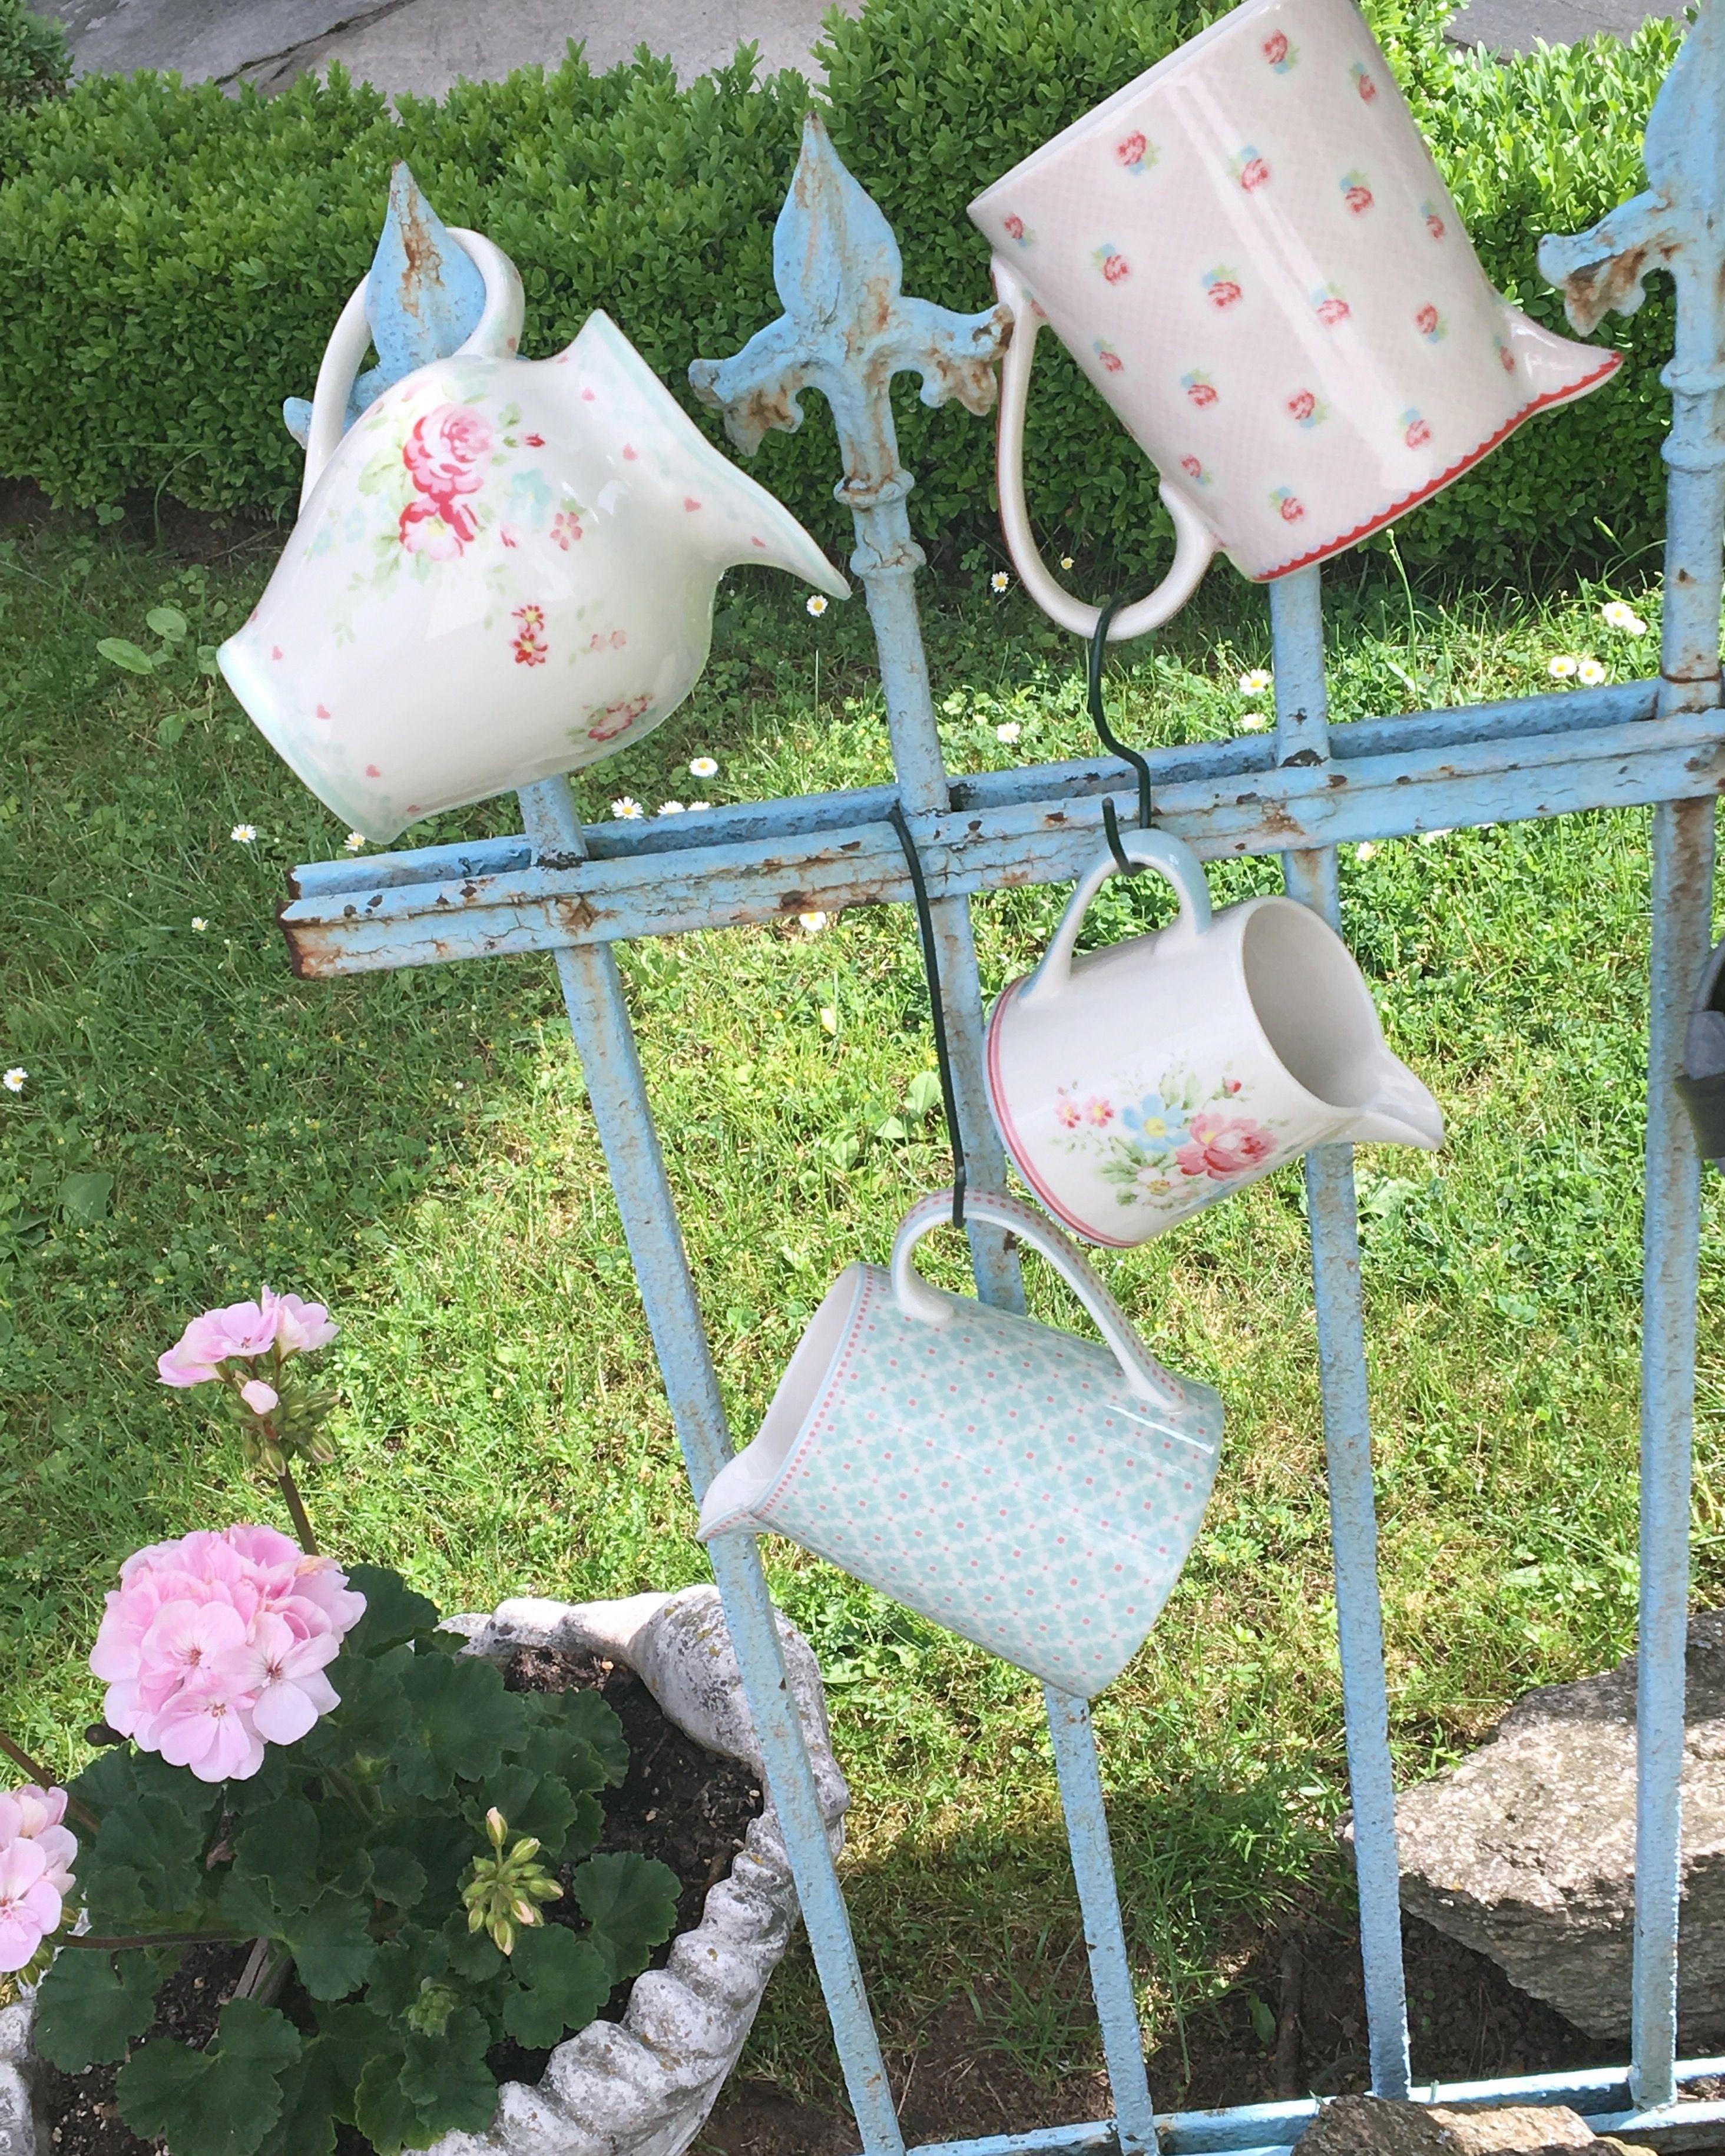 Heute bin ich schon in aller Frühe draußen gewesen um etwas Gartenarbeit zu erledigen. Das sollte ich öfters tun. Denn durch die Ruhe und das Vogelgezwitscher,  war es für mich mehr Entspannnung als Arbeit!🌞🌸🐦🎶😊 Danach sind noch ein paar Fotos im Garten entstanden.😊 Habt einen schönen Tag! Liebe Grüße!  #diewandelbar #goldbach #thelittlegreengatestore #greengate #greengatelove #garden #abelonewhite #jilmint #mariepaleblue #tammiepalepink #derfrühevogelfängtdenwurm…